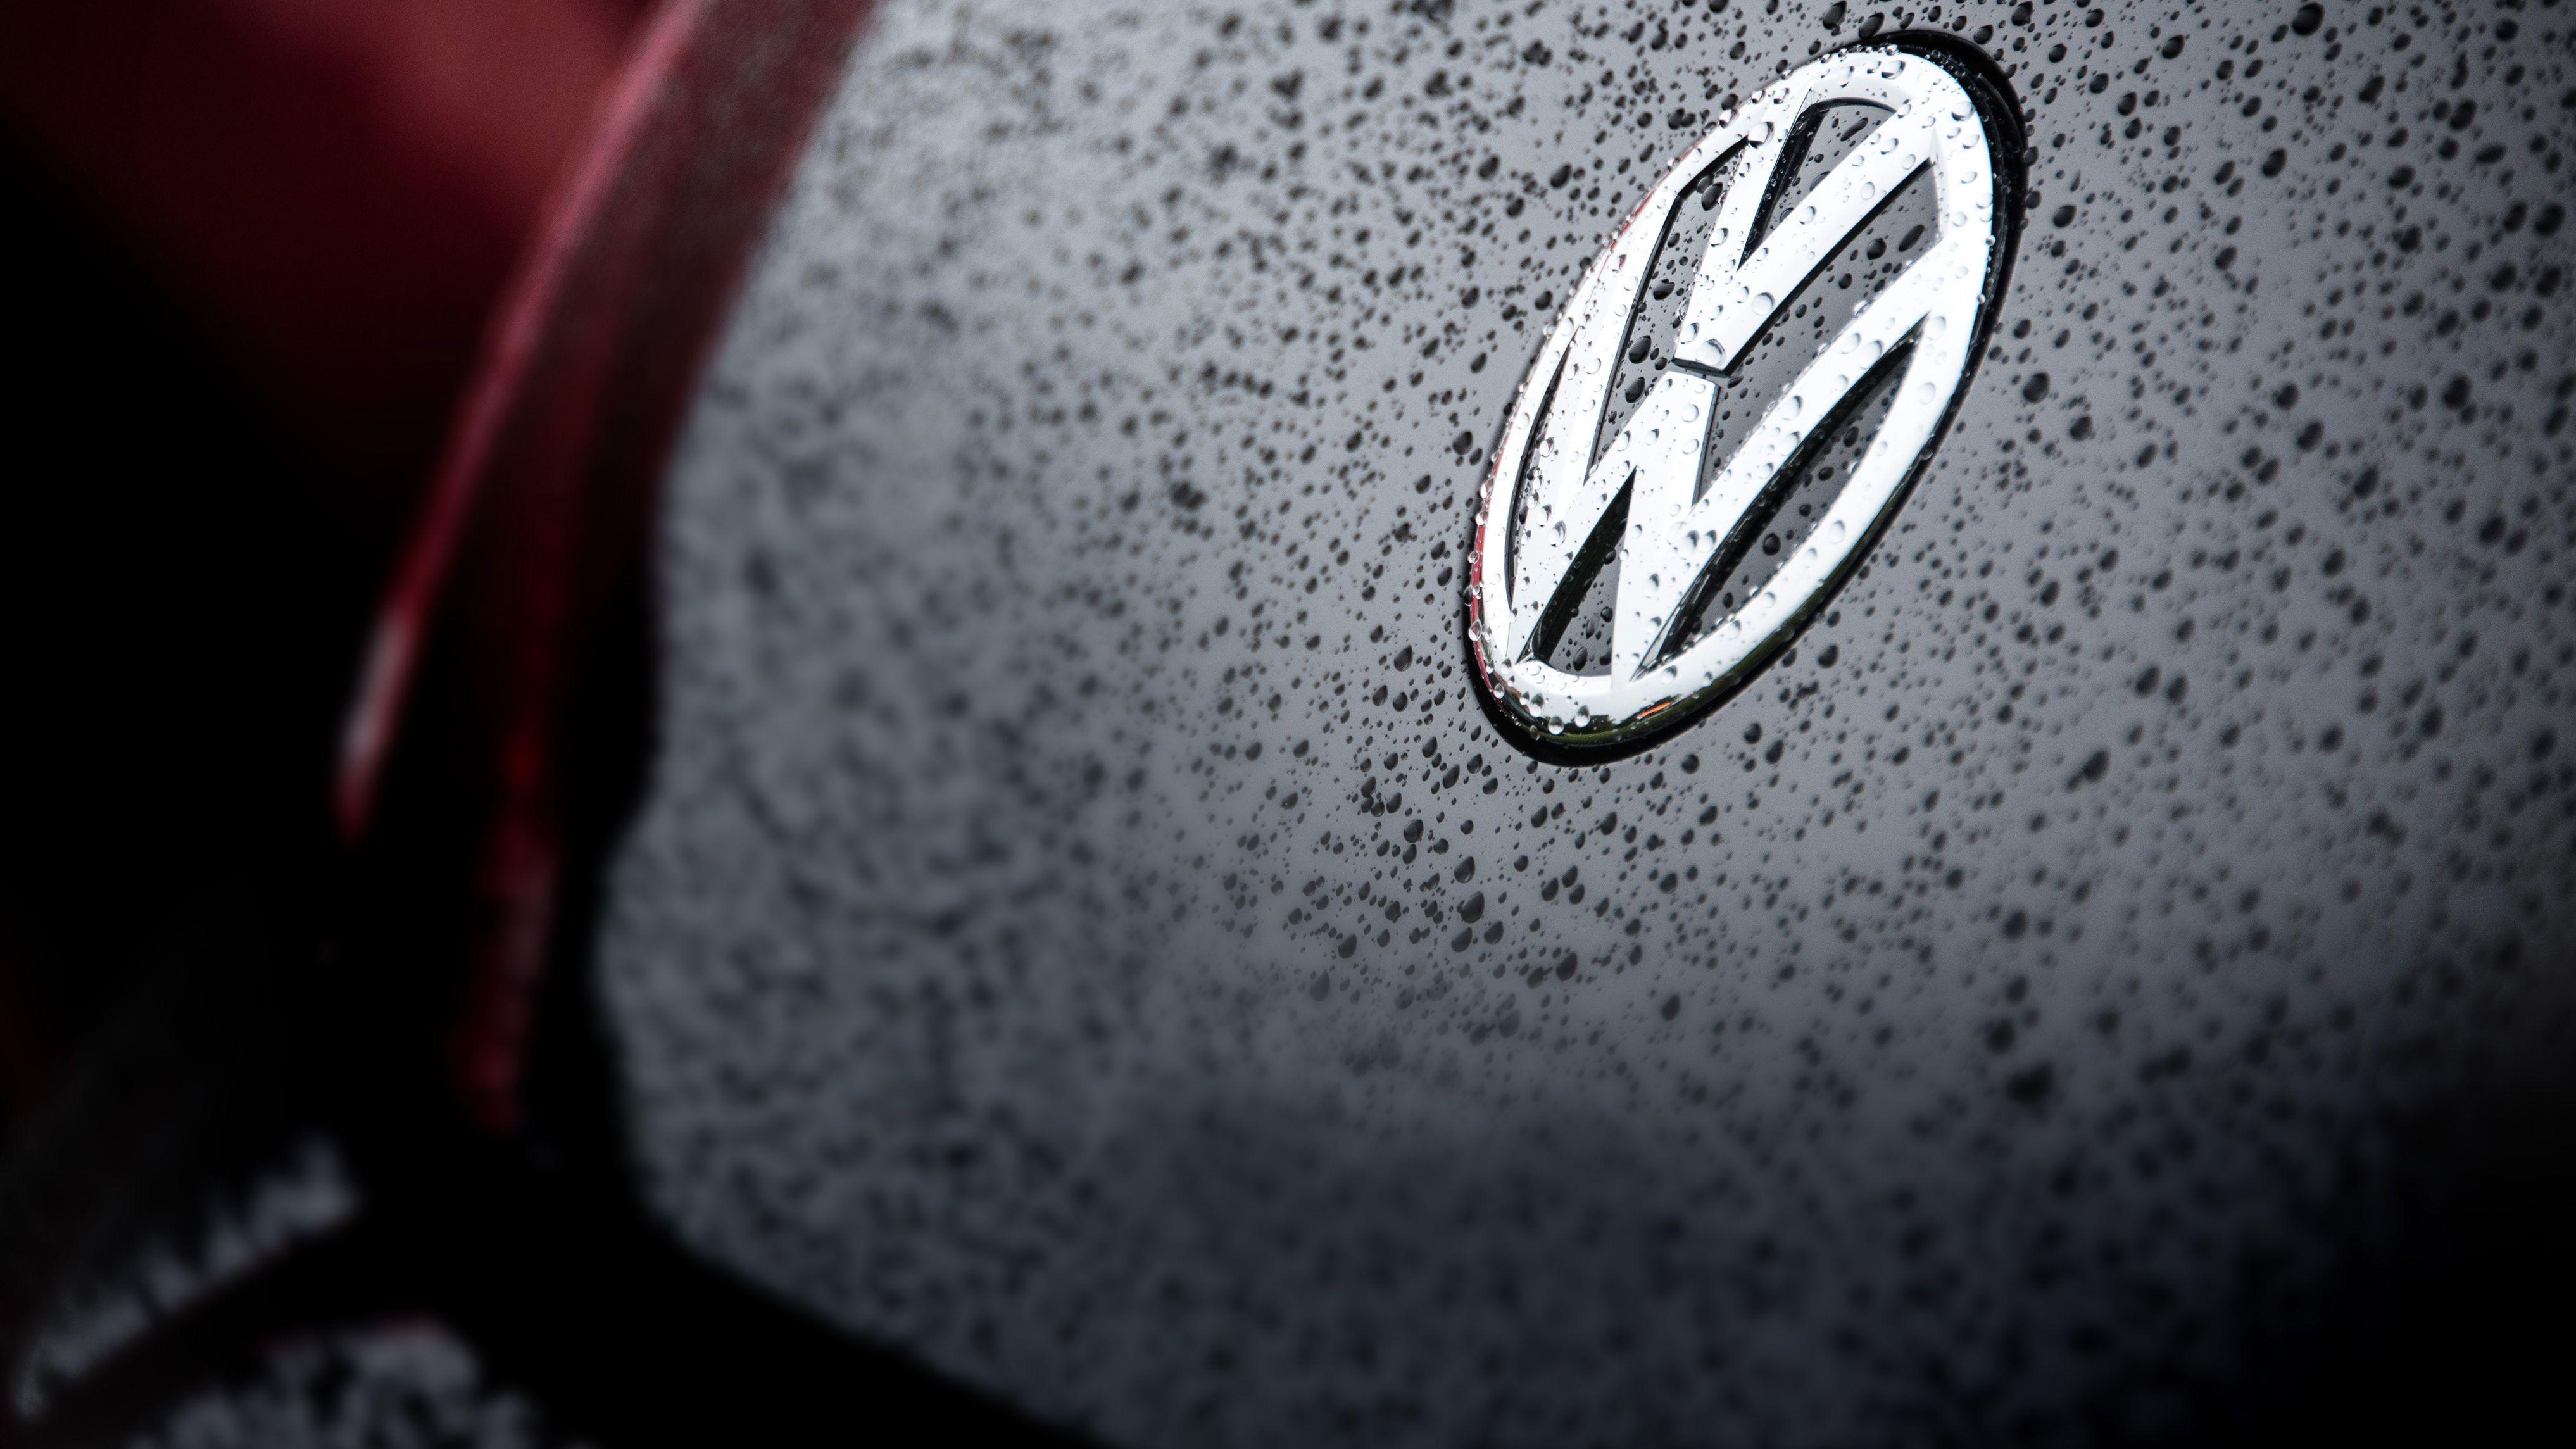 """Volkswagen: Unakzeptable Einladung an Journalisten war """"menschliches Versagen"""""""